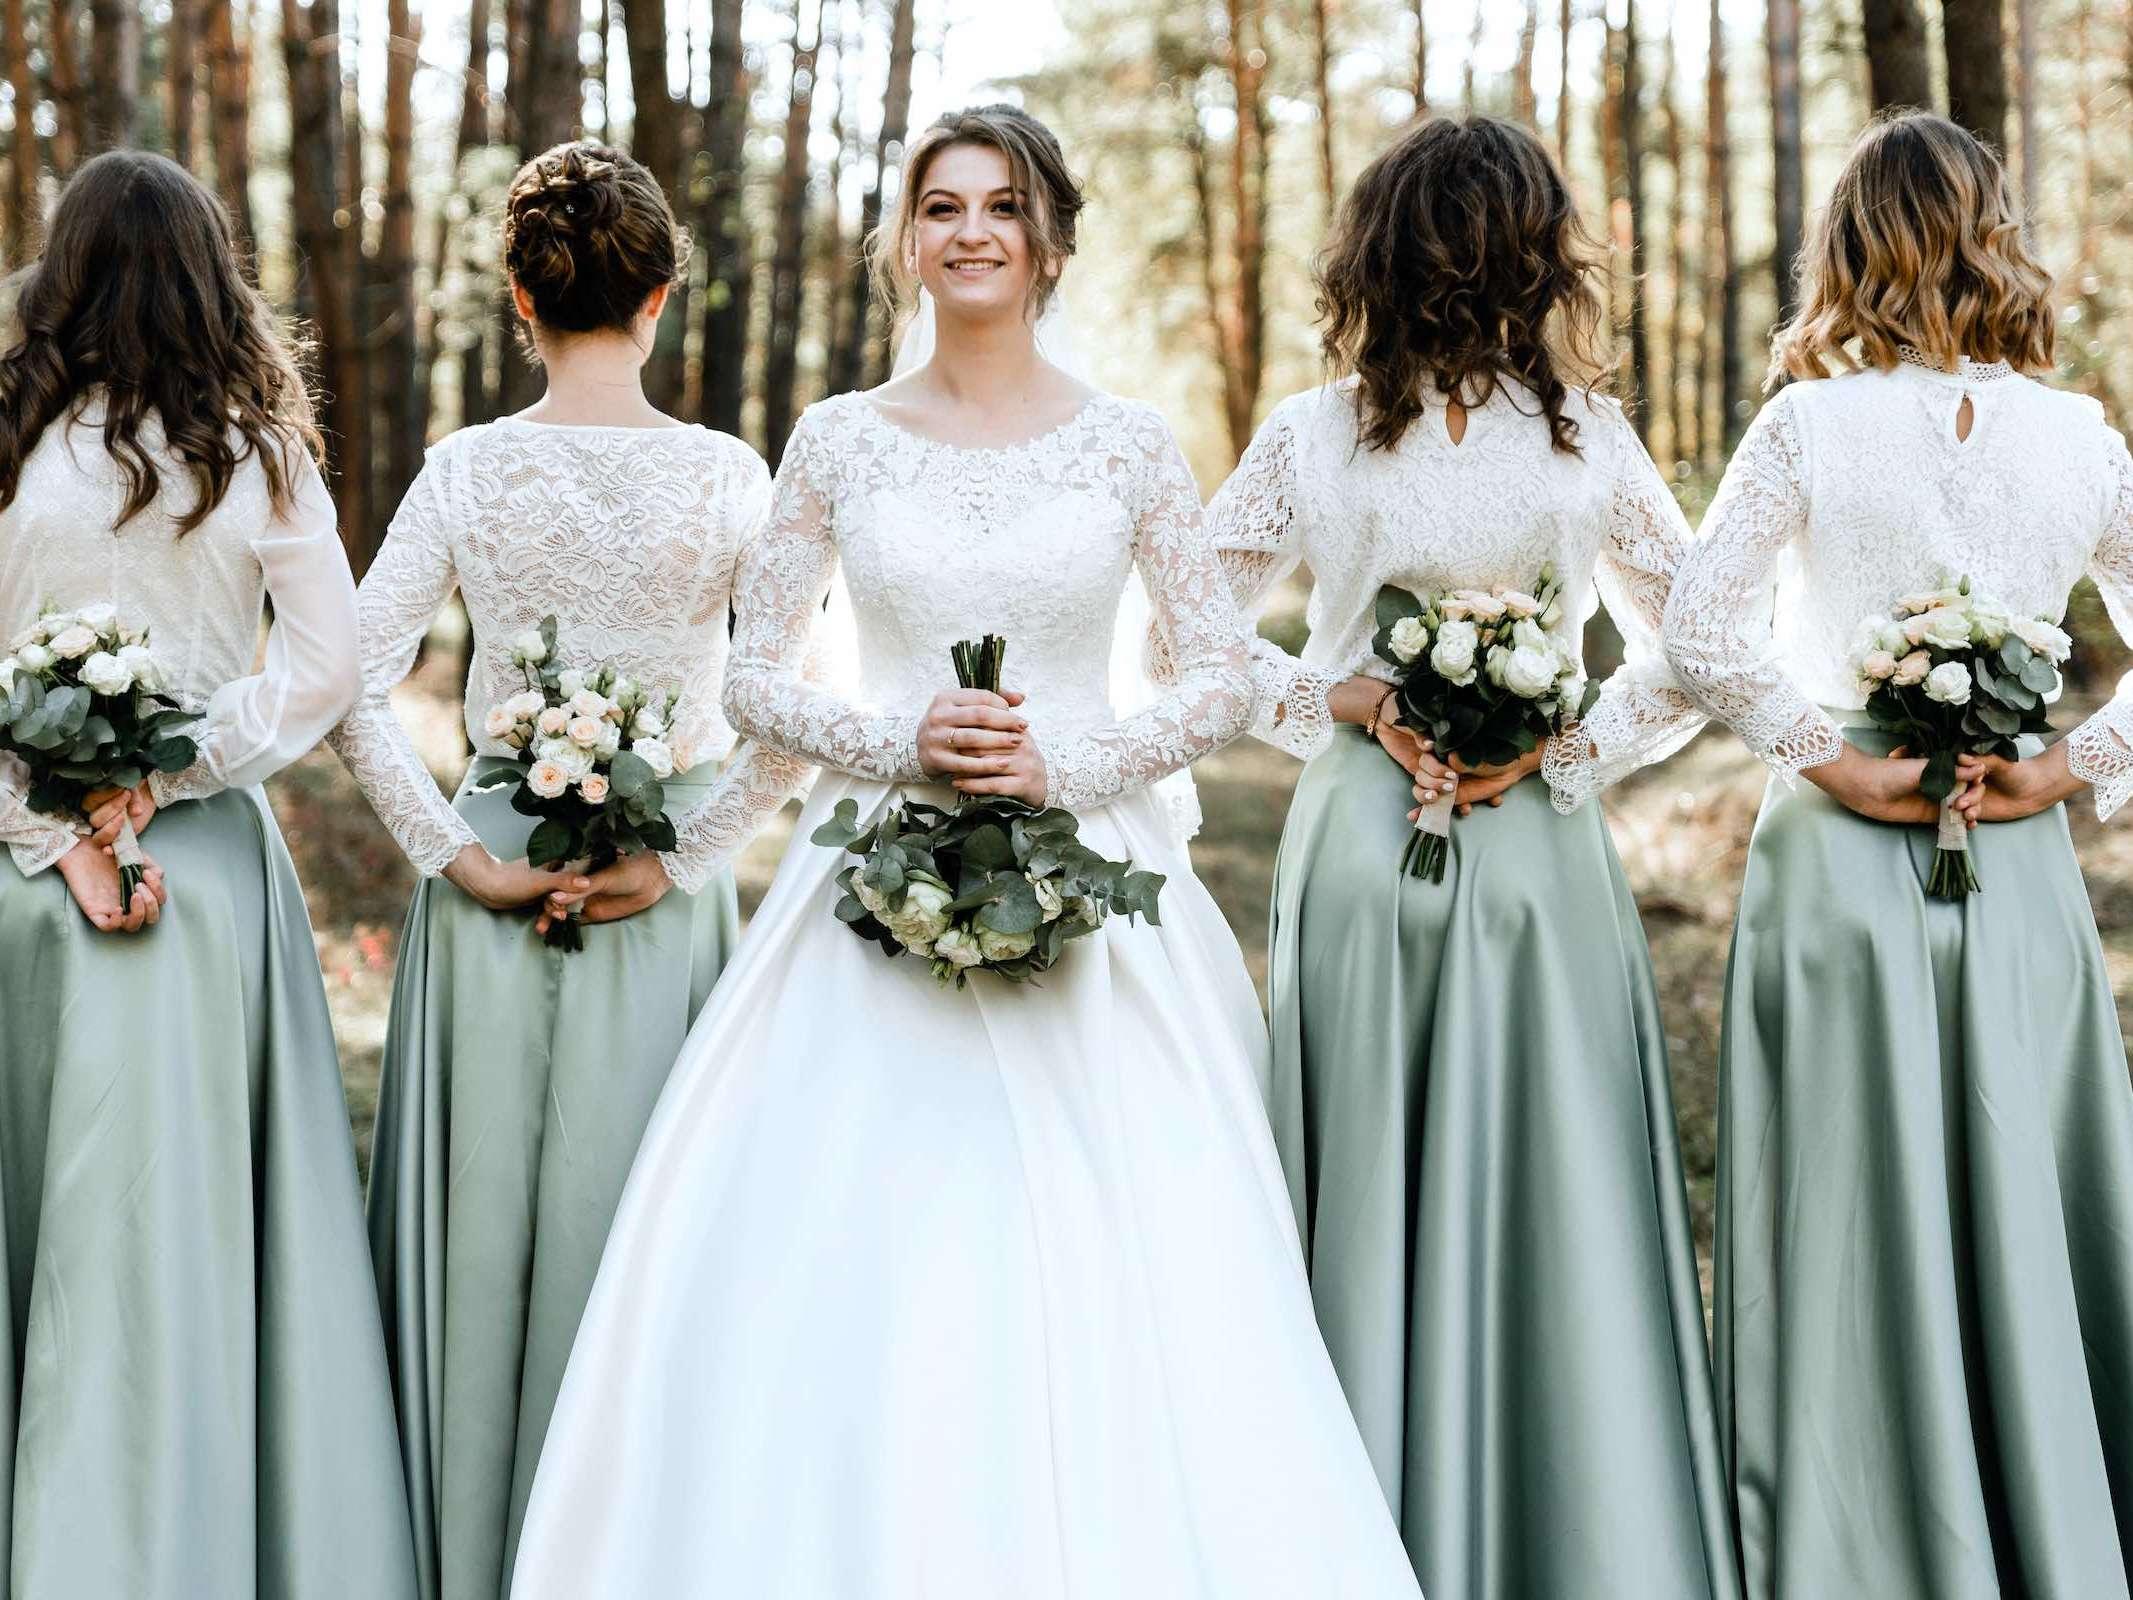 Hochzeitsfotograf | Hannover | Braunschweig | Celle | Hameln | Peine | Fotograf | Hochzeit | Hochzeitsfotografie | Hochzeitsreportage | Fotografie | Mieten | Buchen | Lehmann | Eventservice